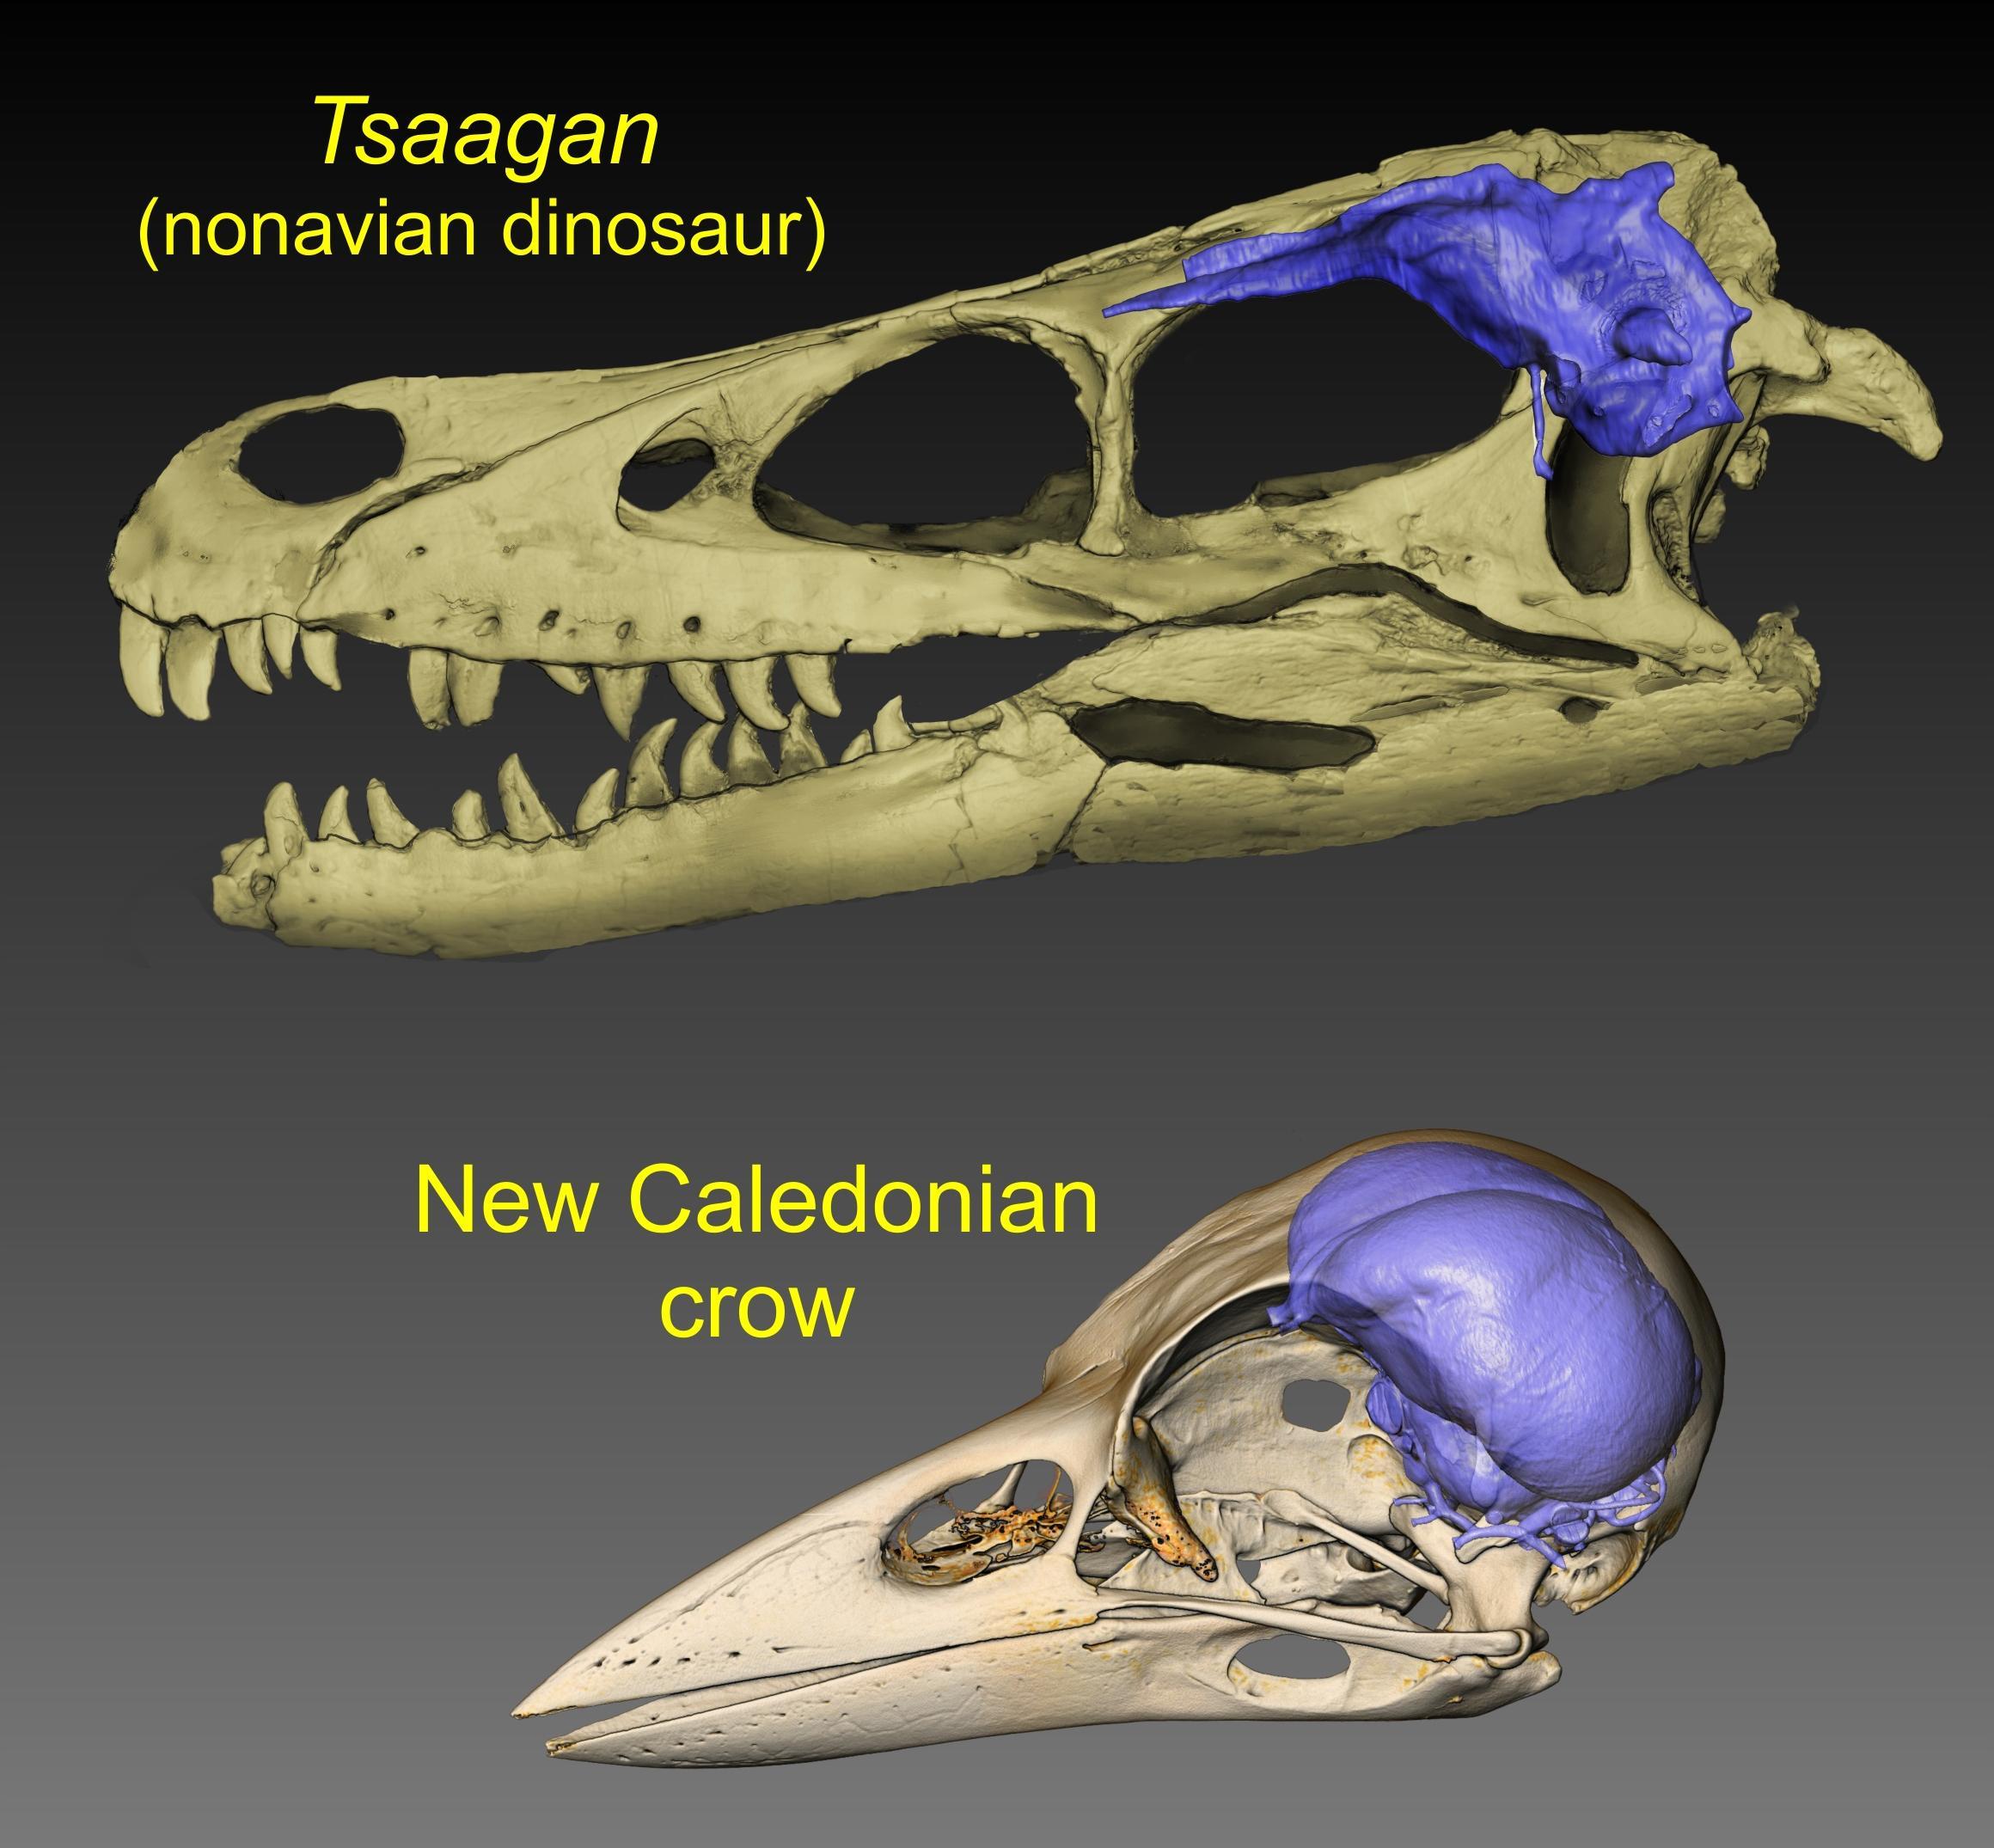 Мел-палеогеновое вымирание стало отправной точкой эволюции птичьего мозга, каким мы его знаем